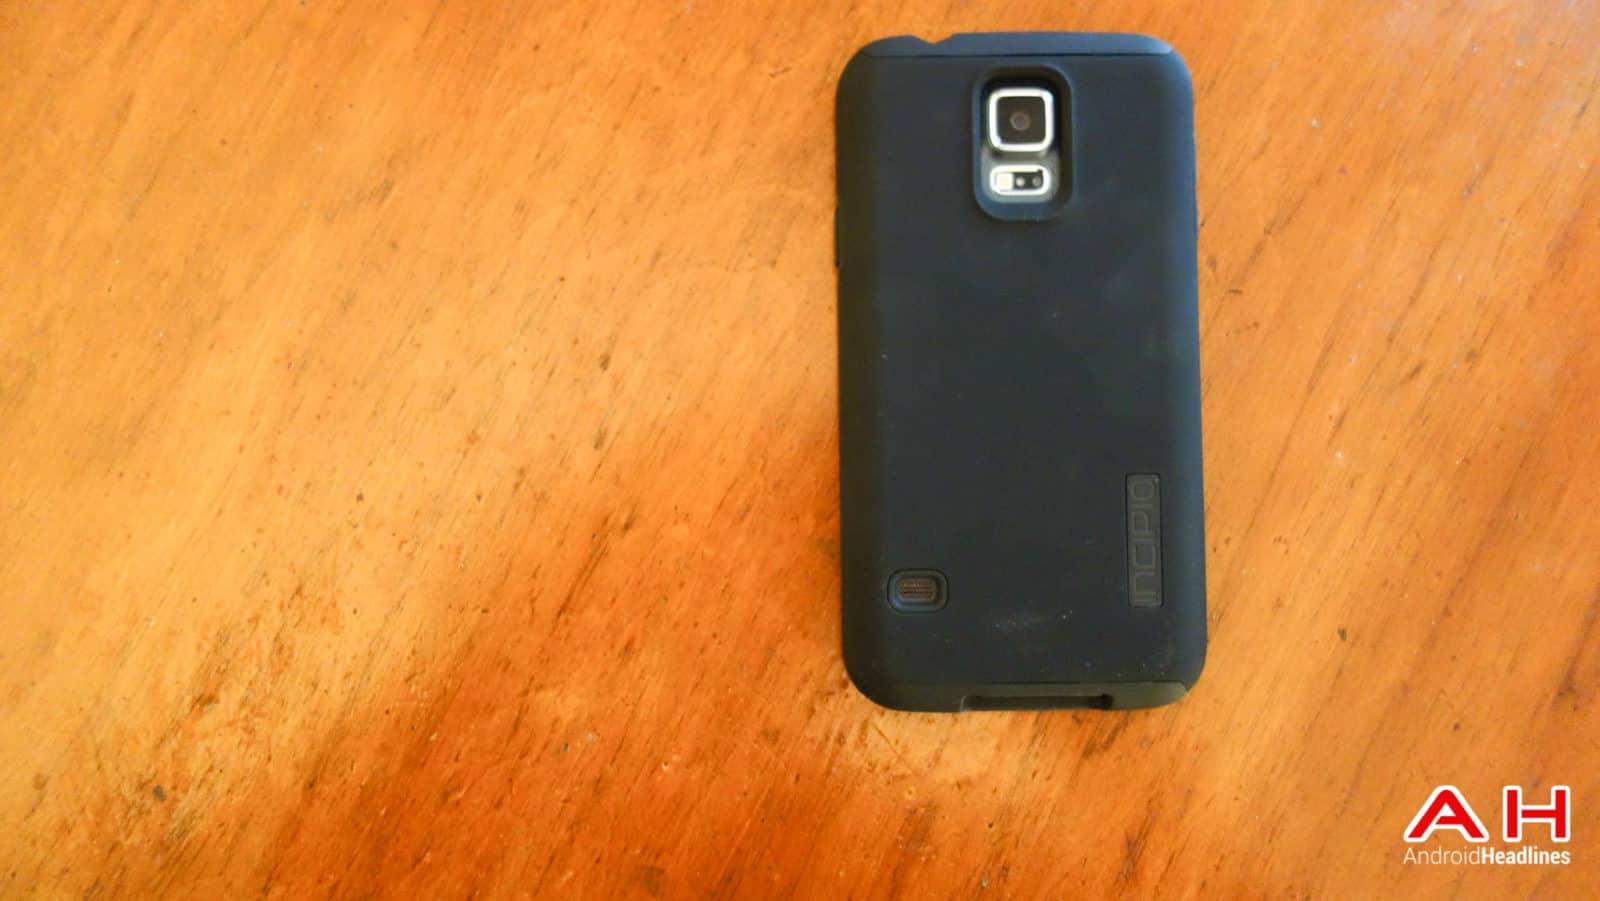 Samsung-Galaxy-S5-Incipio-DualPro-Review-AH-1